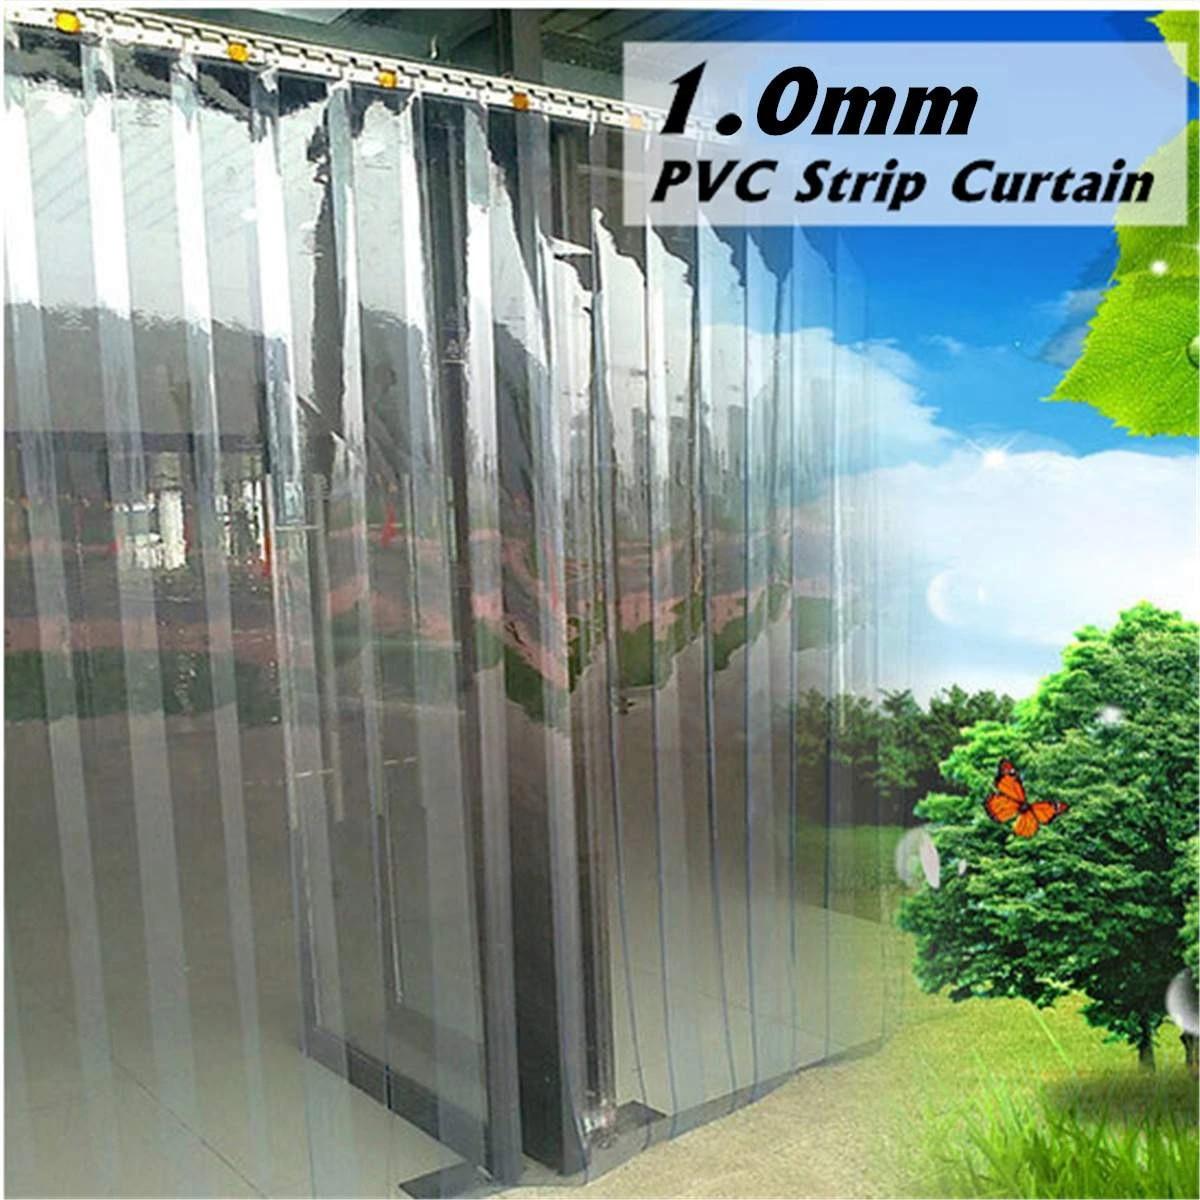 pvc plastique bande rideau congelateur chambre porte bande kit suspendus rail transparent rideaux coupe vent chaleur froid resister 200 18 0 1cm